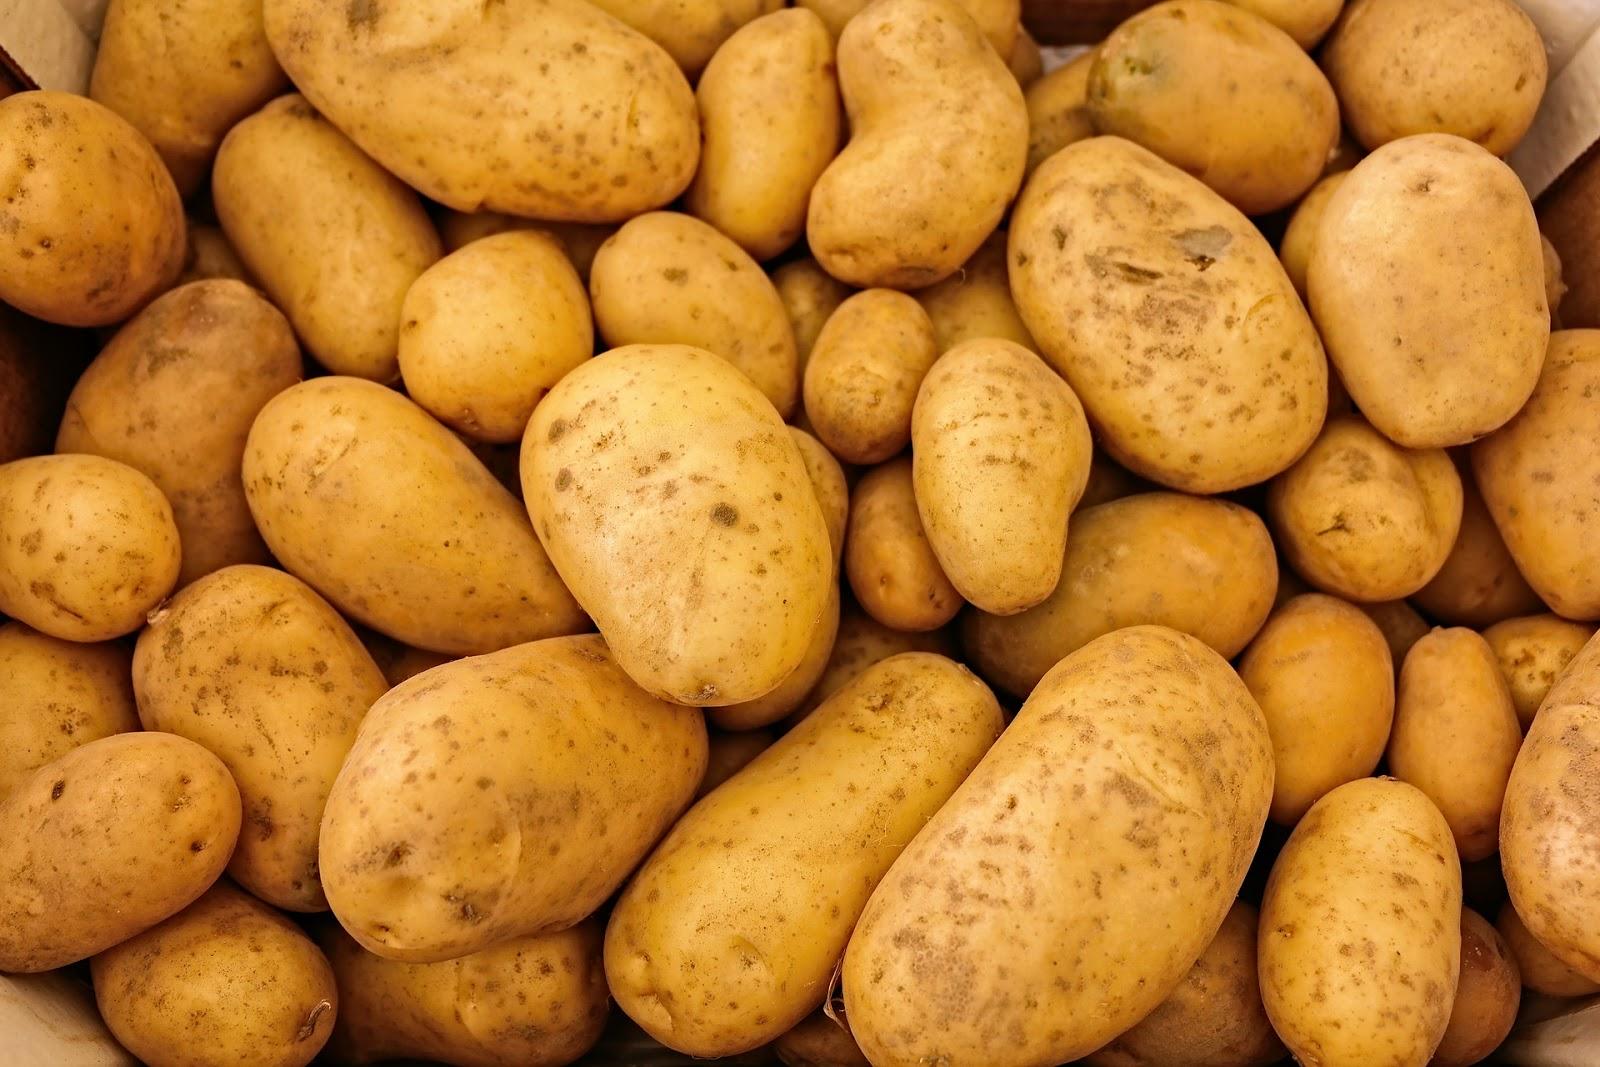 Πώς ξεχωρίζουμε τις πατάτες όταν τις αγοράζουμε;